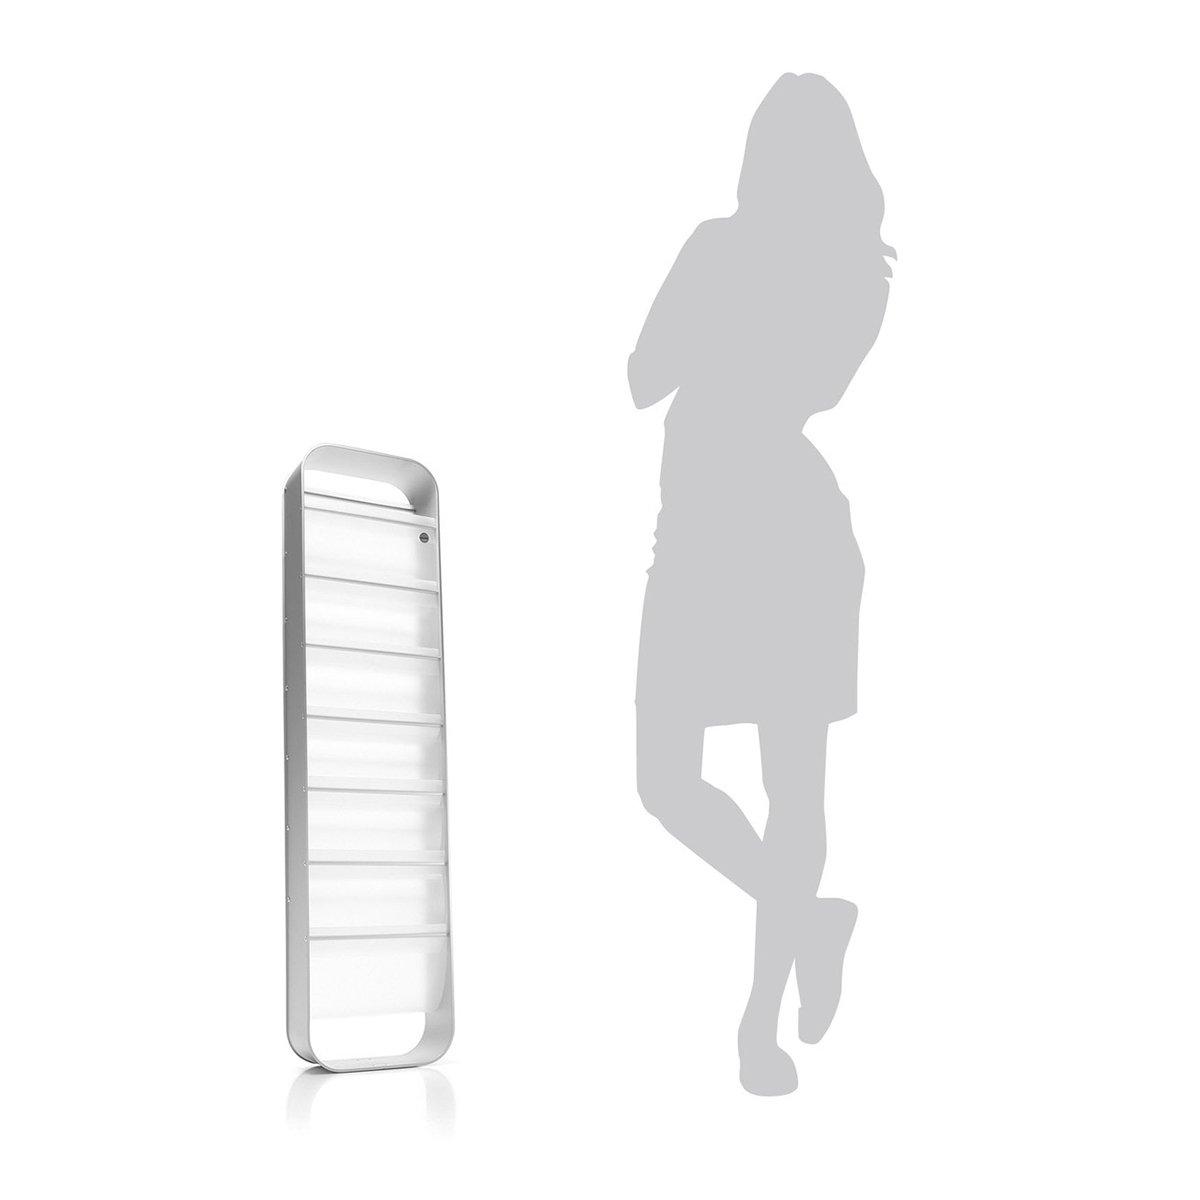 reisenthel redondo magazine rack transparent // farblos regal designregal 7 compartments zeitungsregal IU1004